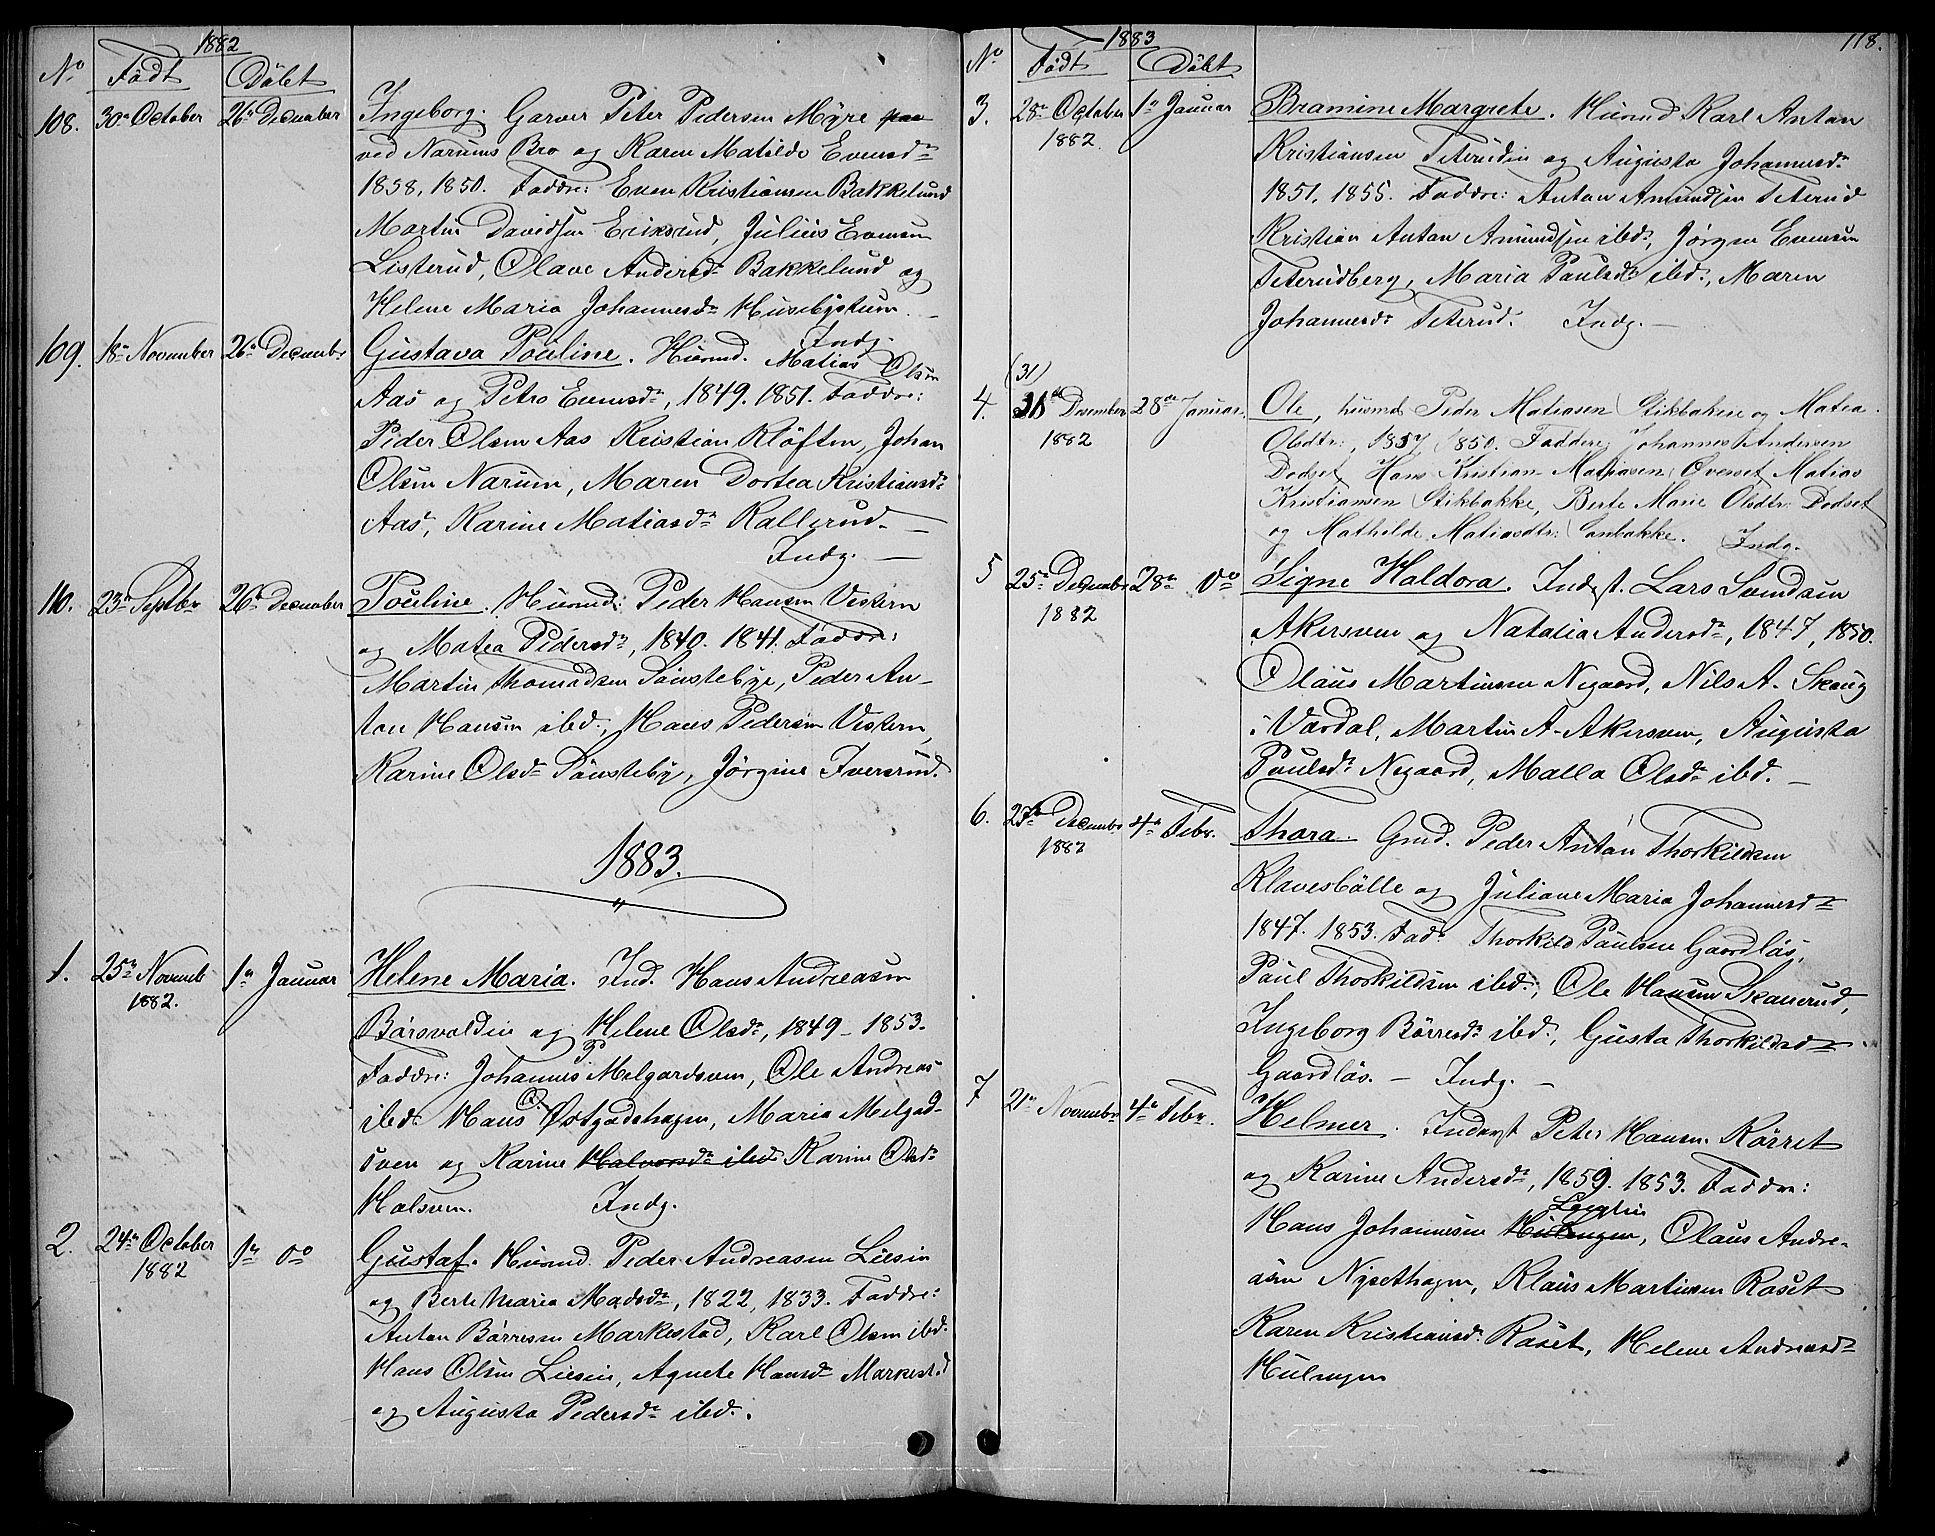 SAH, Vestre Toten prestekontor, Klokkerbok nr. 6, 1870-1887, s. 118